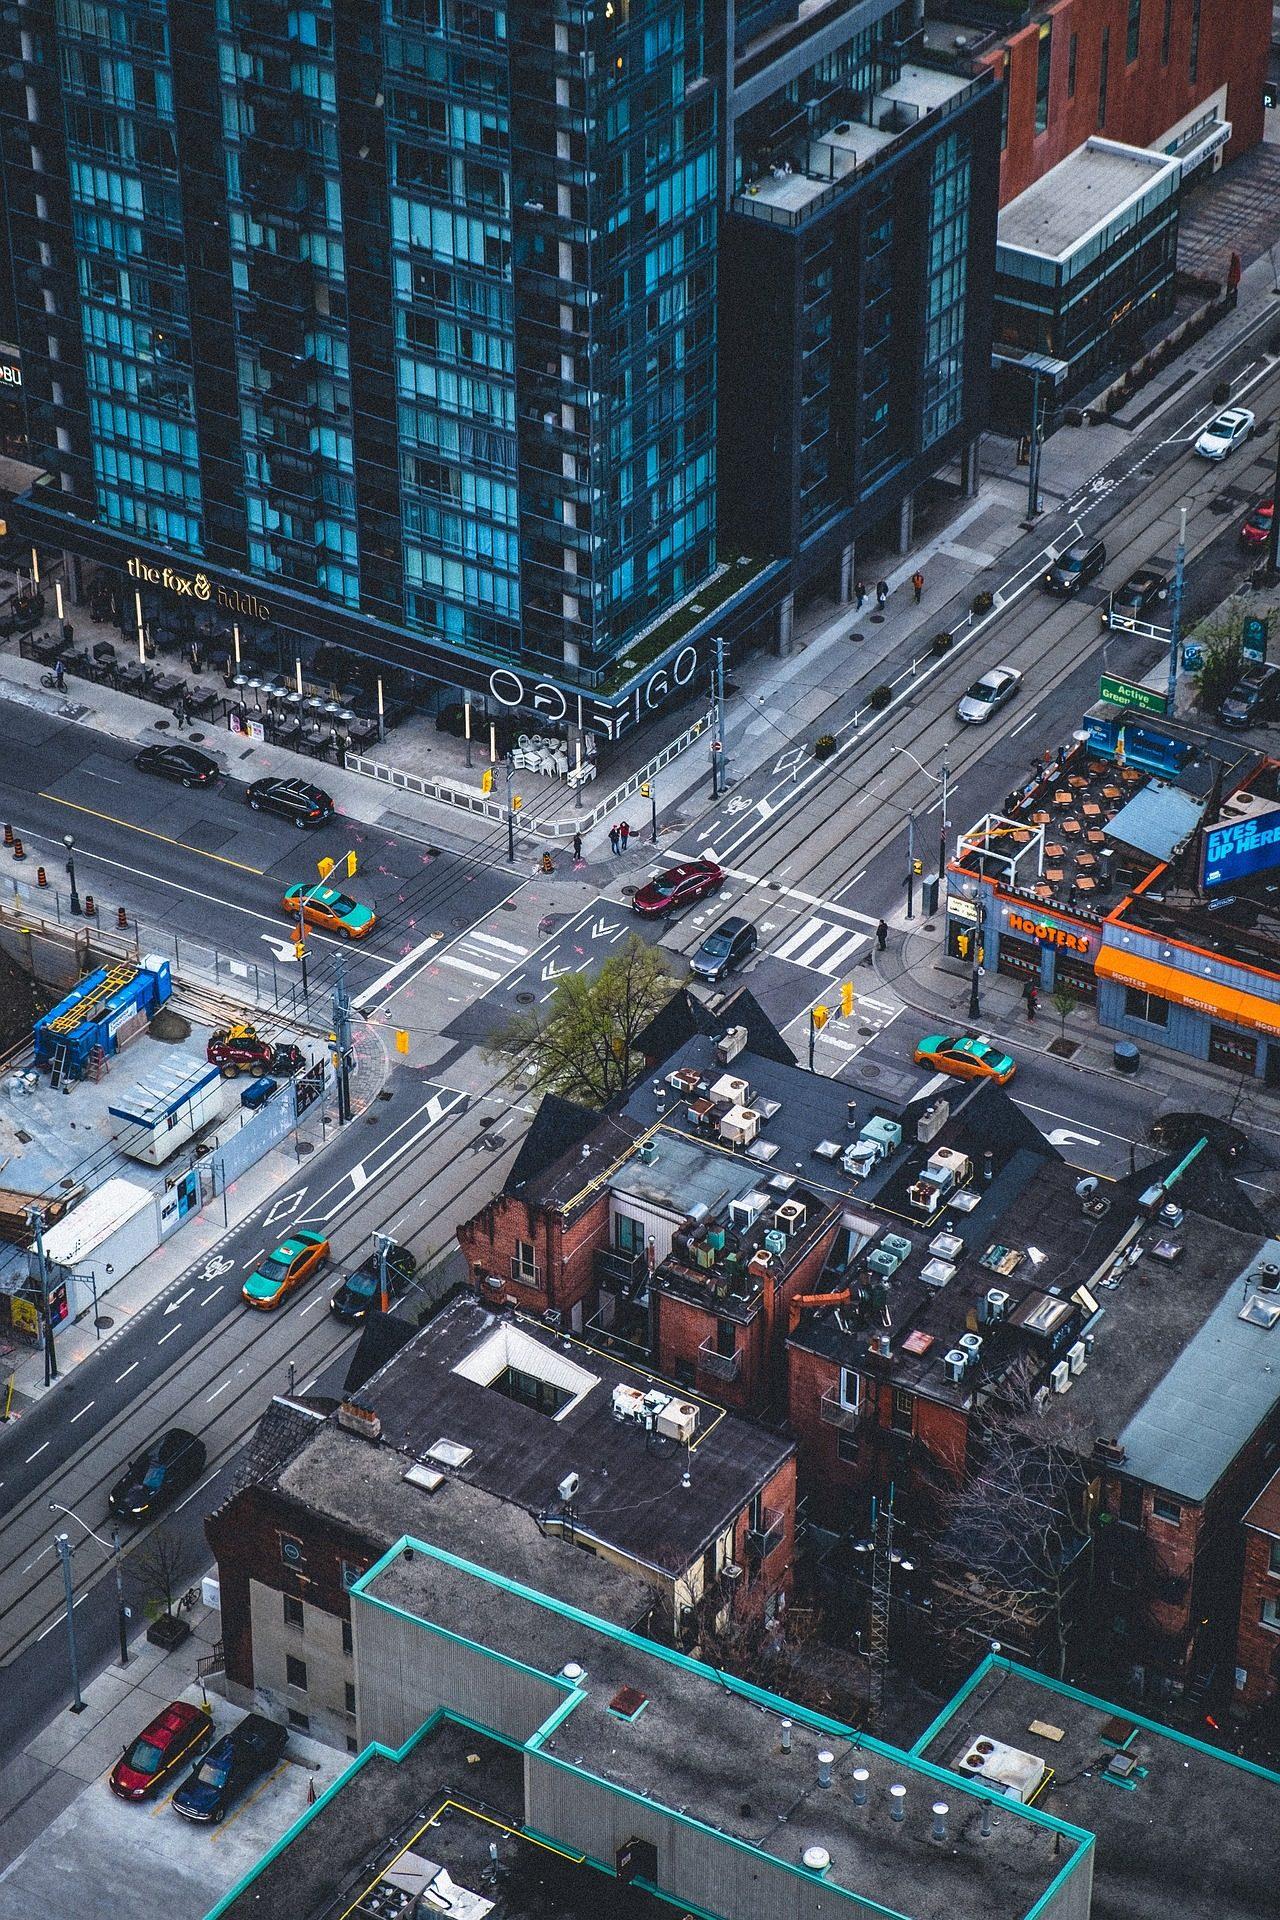 مدينة, ناطحة سحاب, السيارات, الشوارع, المرور العابر, معبر - خلفيات عالية الدقة - أستاذ falken.com